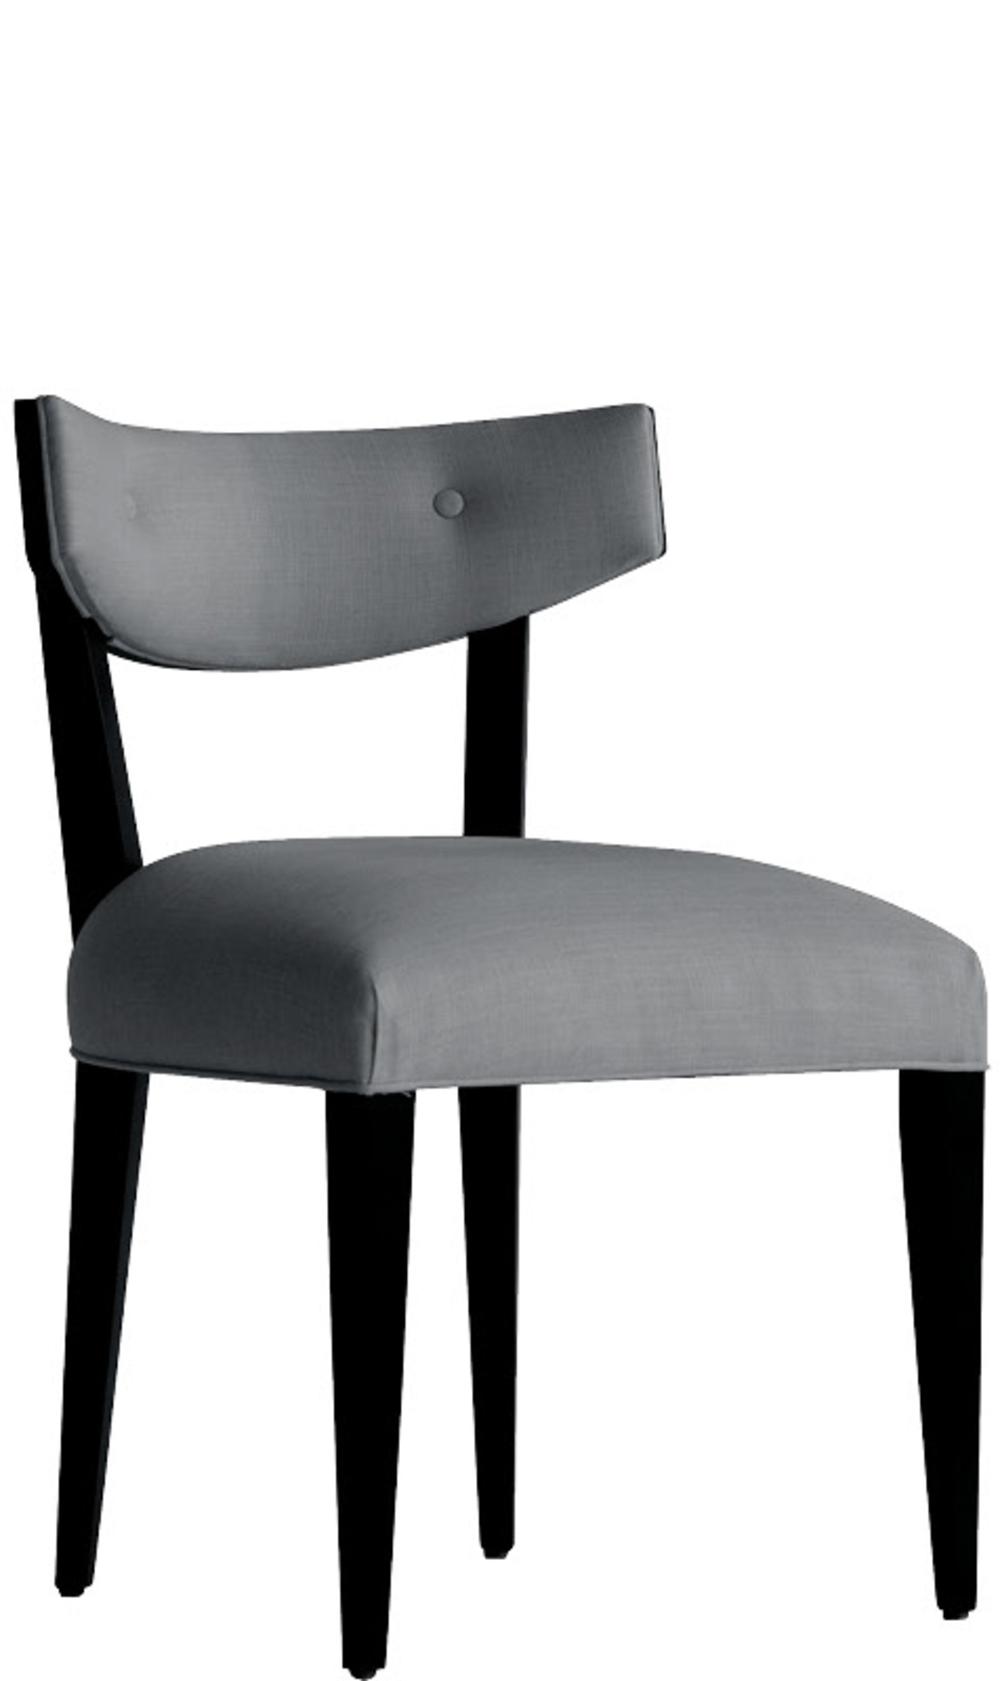 Van Peursem - Van Dining Chair